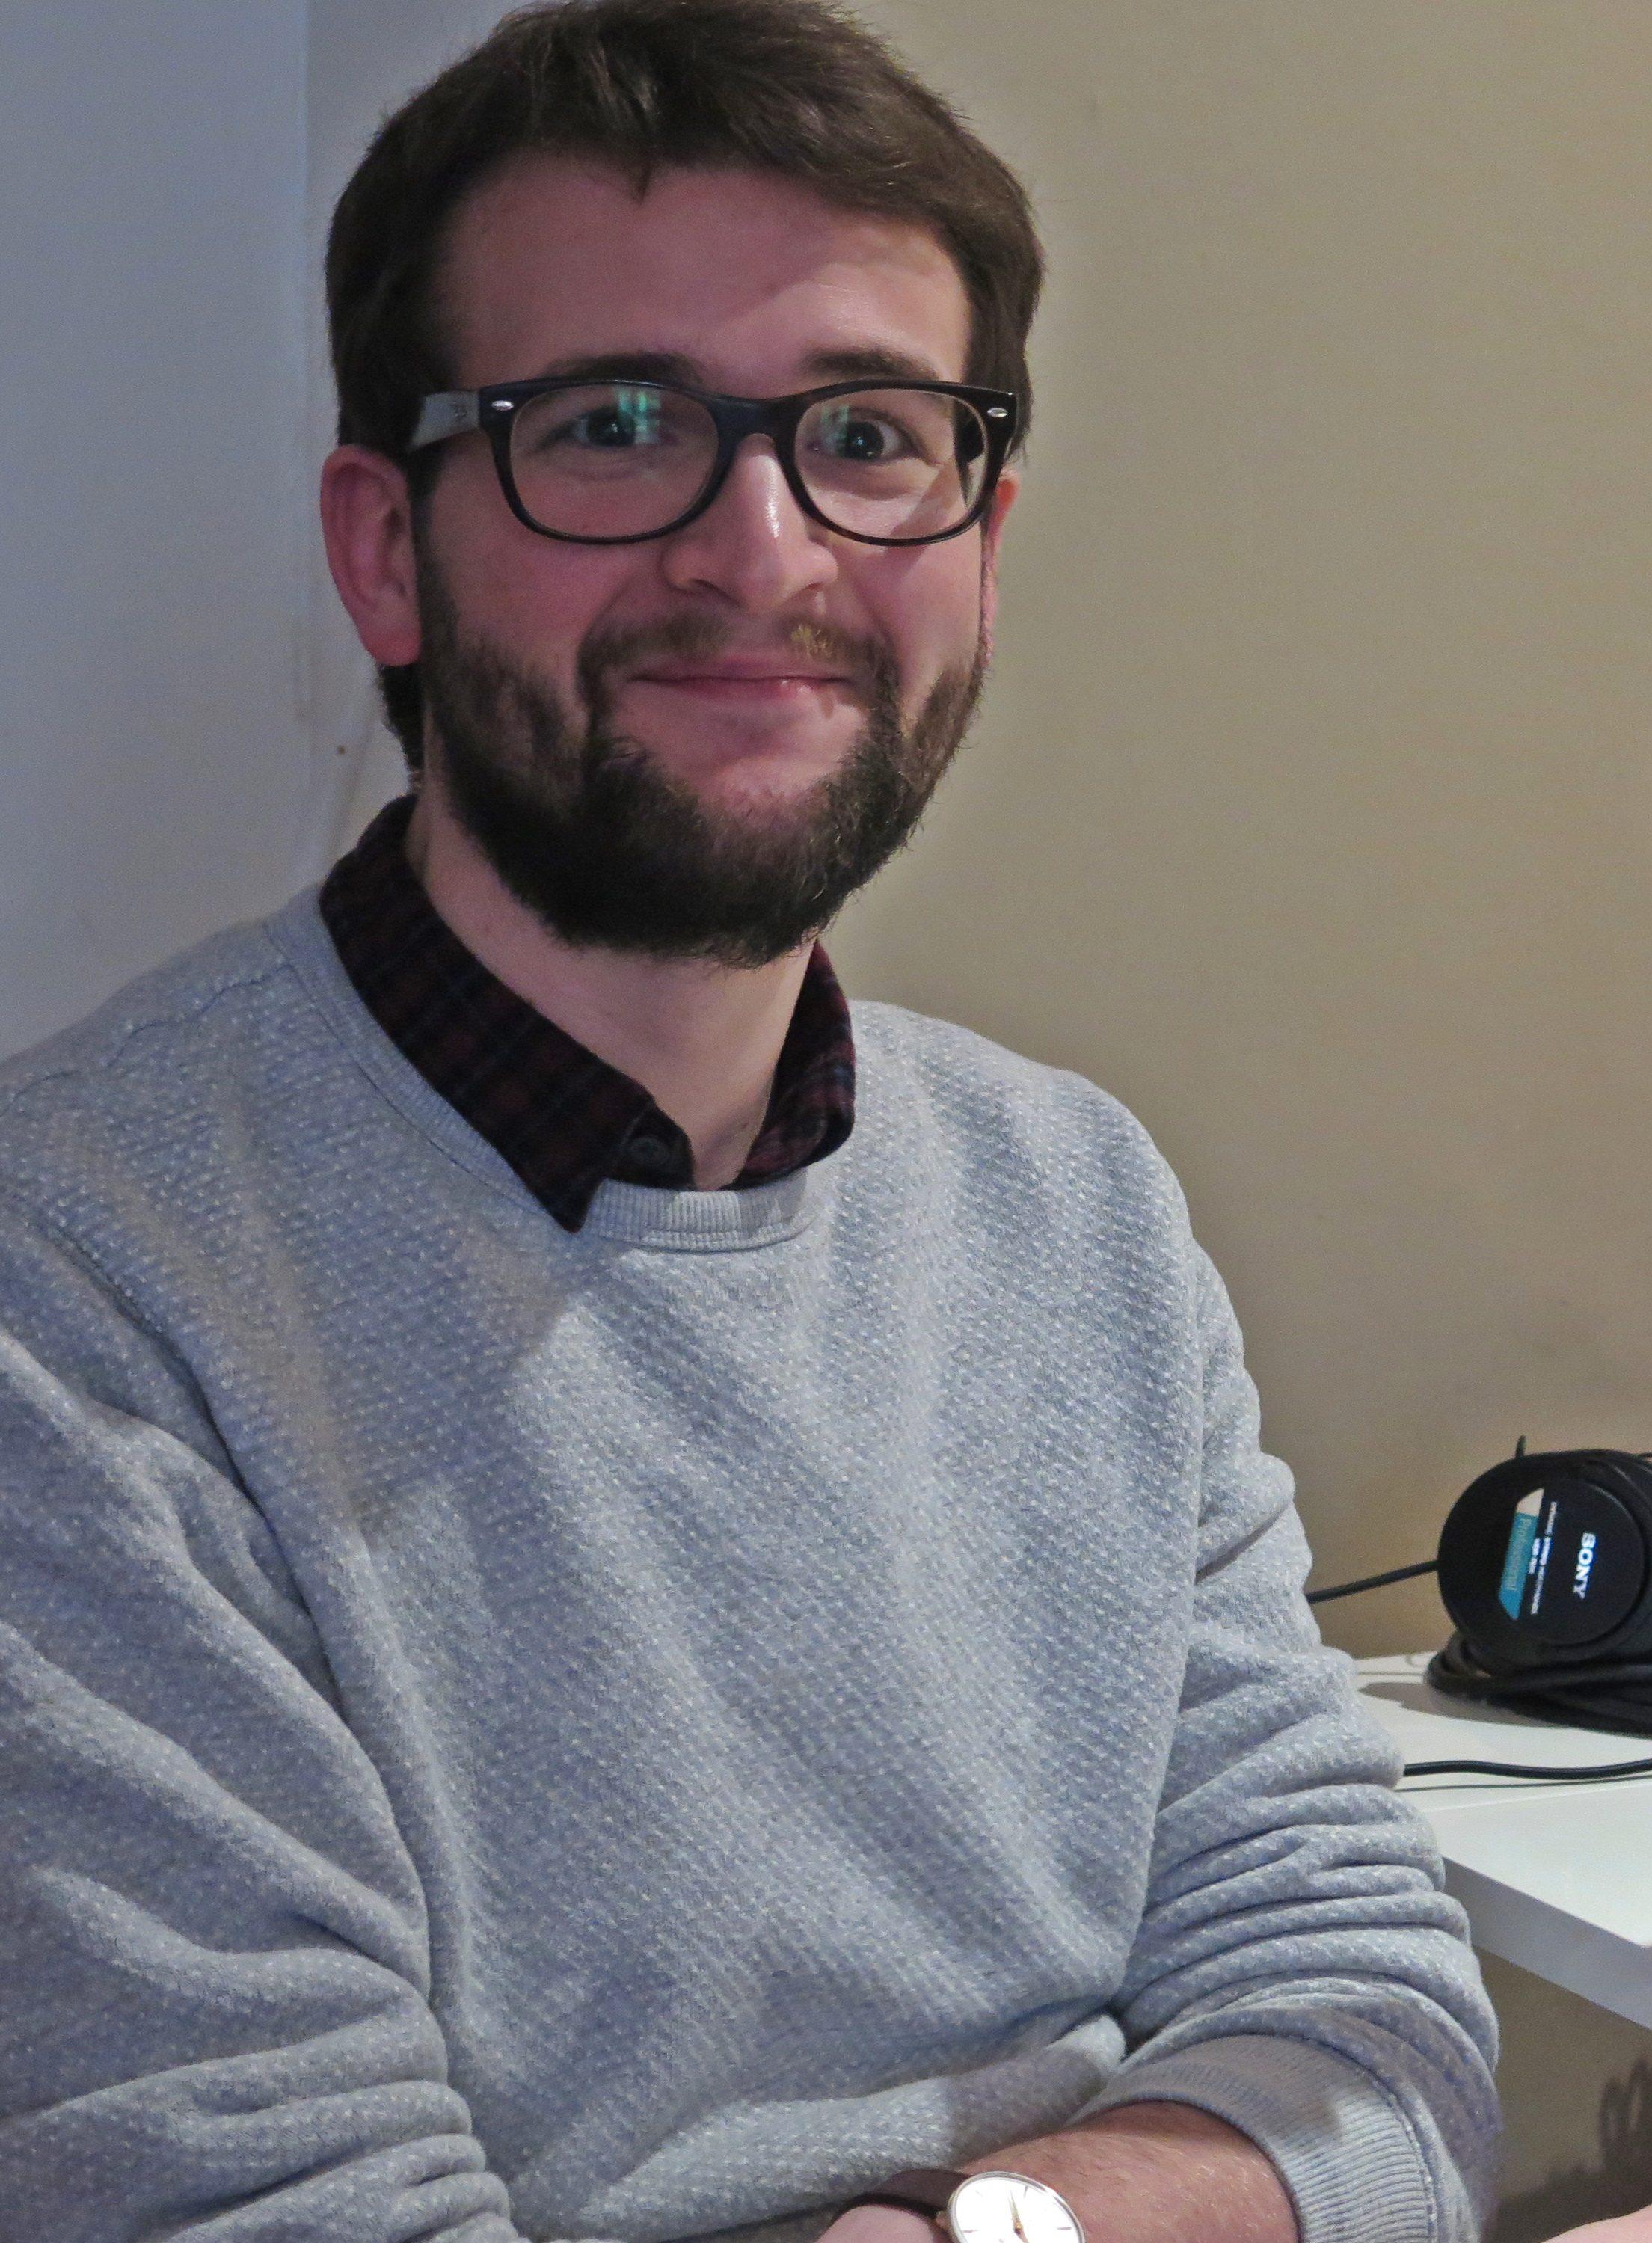 Simon Rousselot